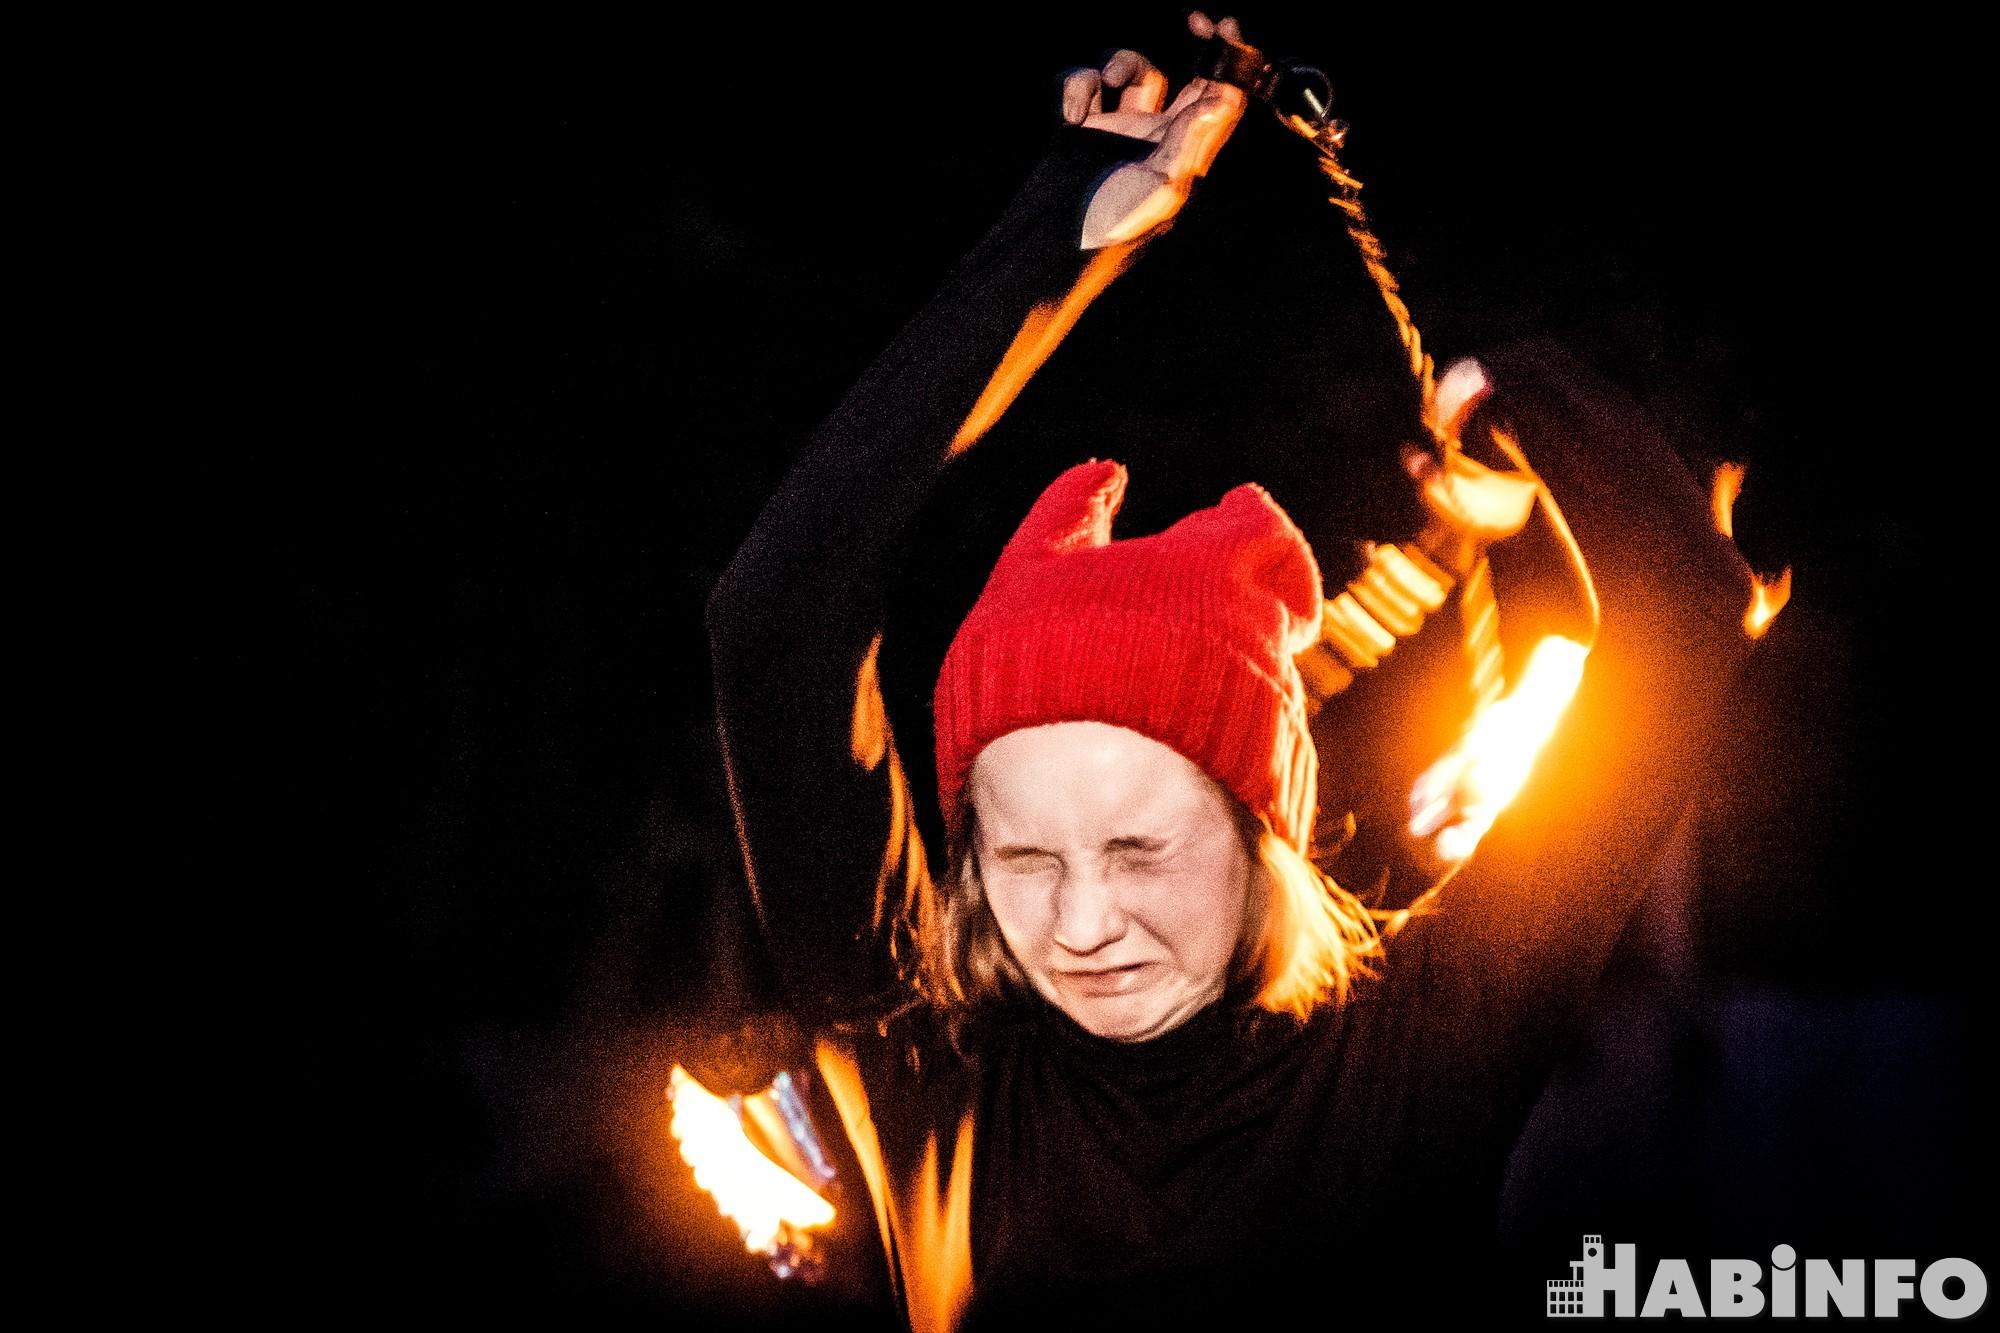 Повелители огня: хабаровские фаерщики рассказали, как приручить пламя